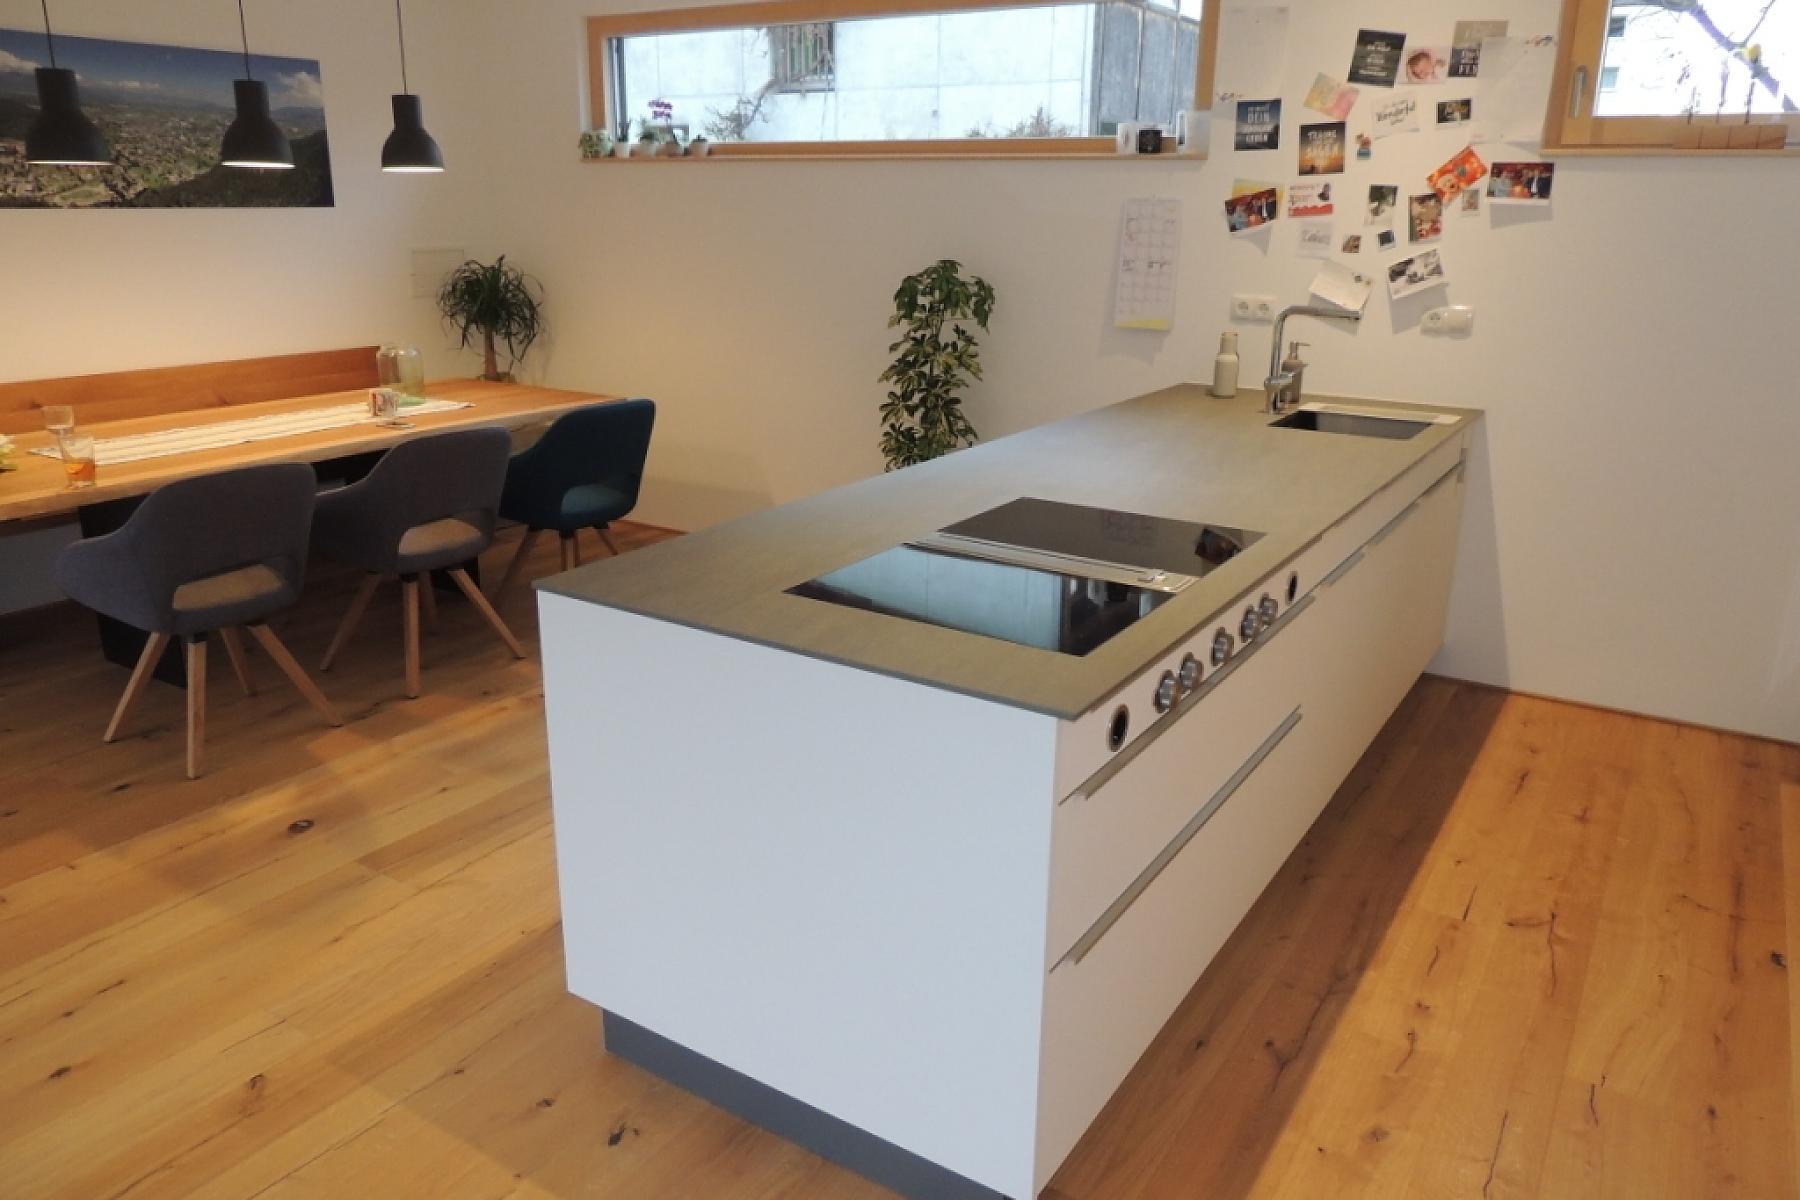 Großartig Budget Renovierung Ideen Für Küchen Galerie ...